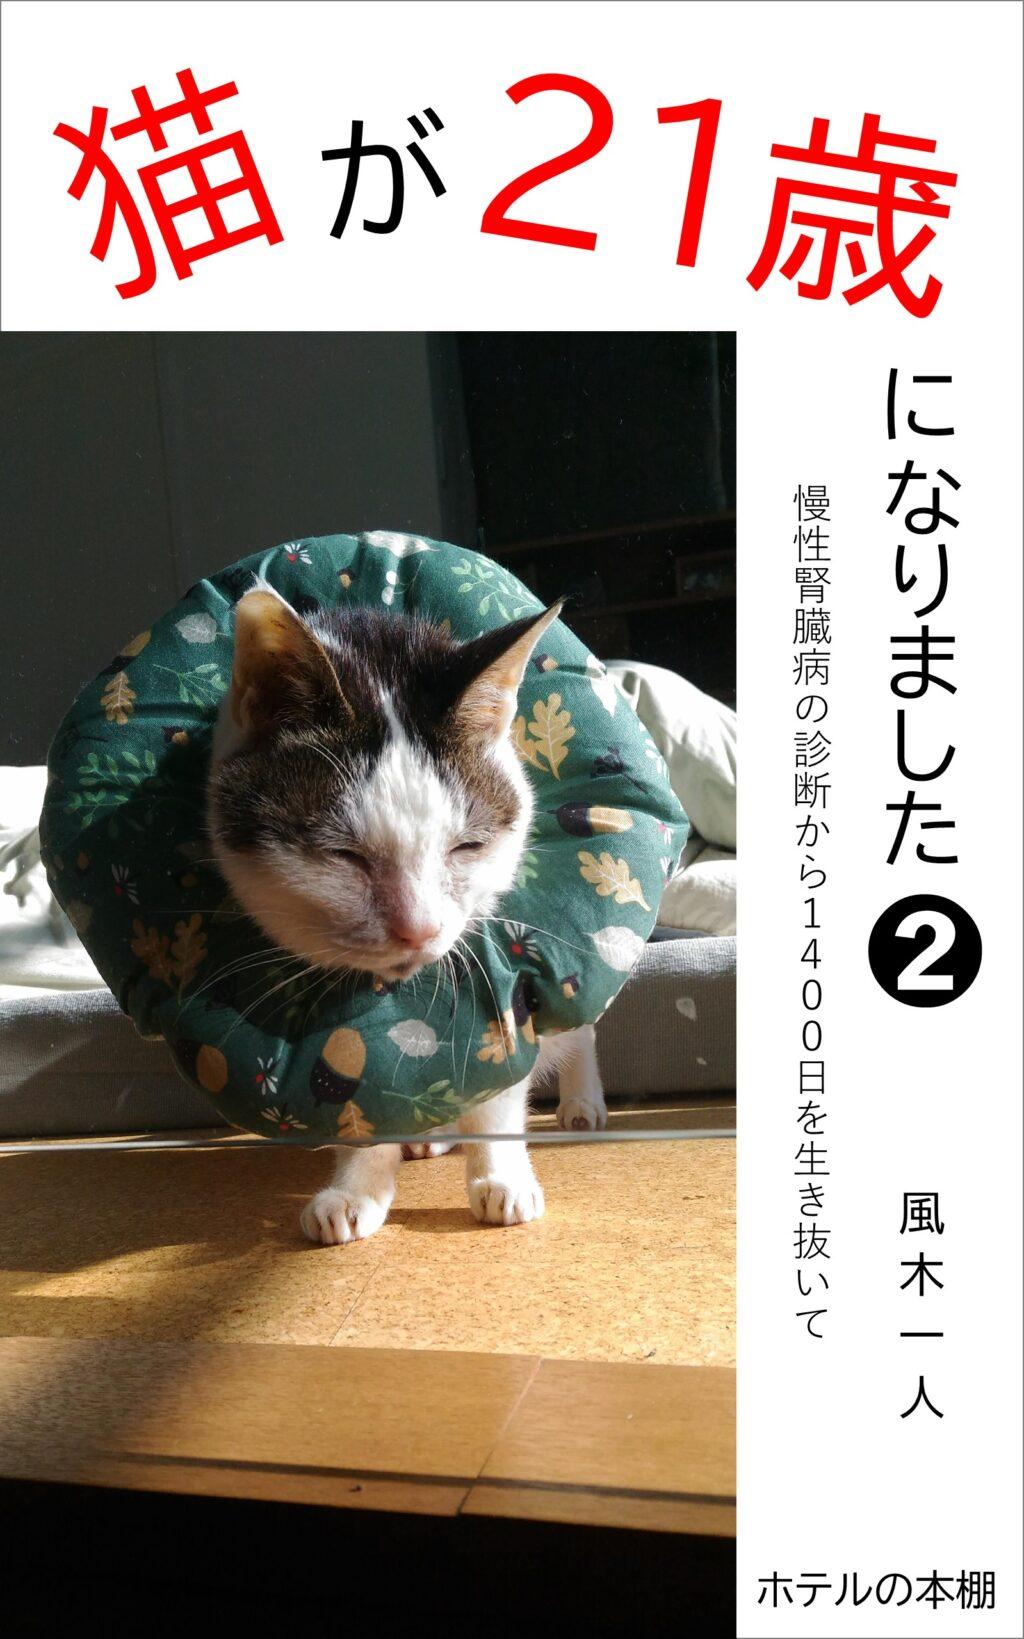 『猫が21歳になりました2 慢性腎臓病の診断から1400日を生き抜いて』